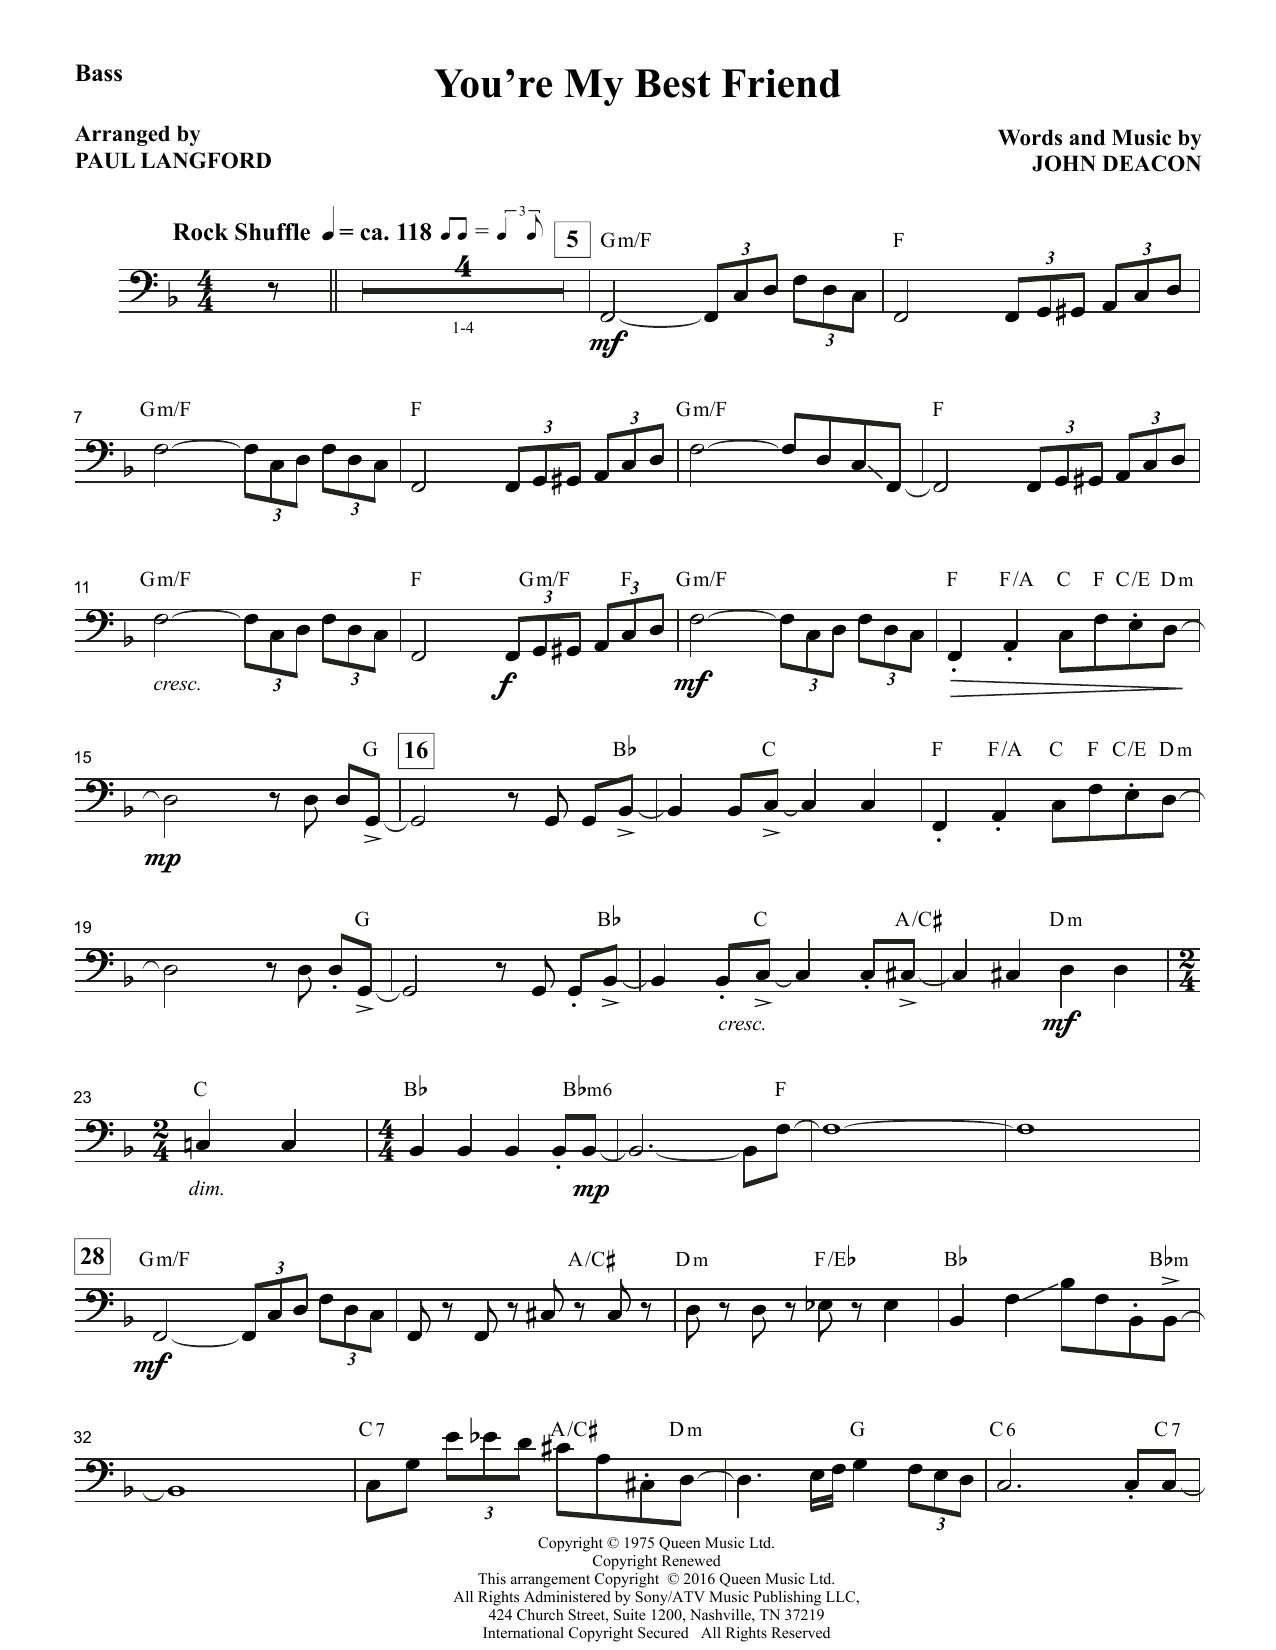 You're My Best Friend (arr. Paul Langford) - Bass Sheet Music